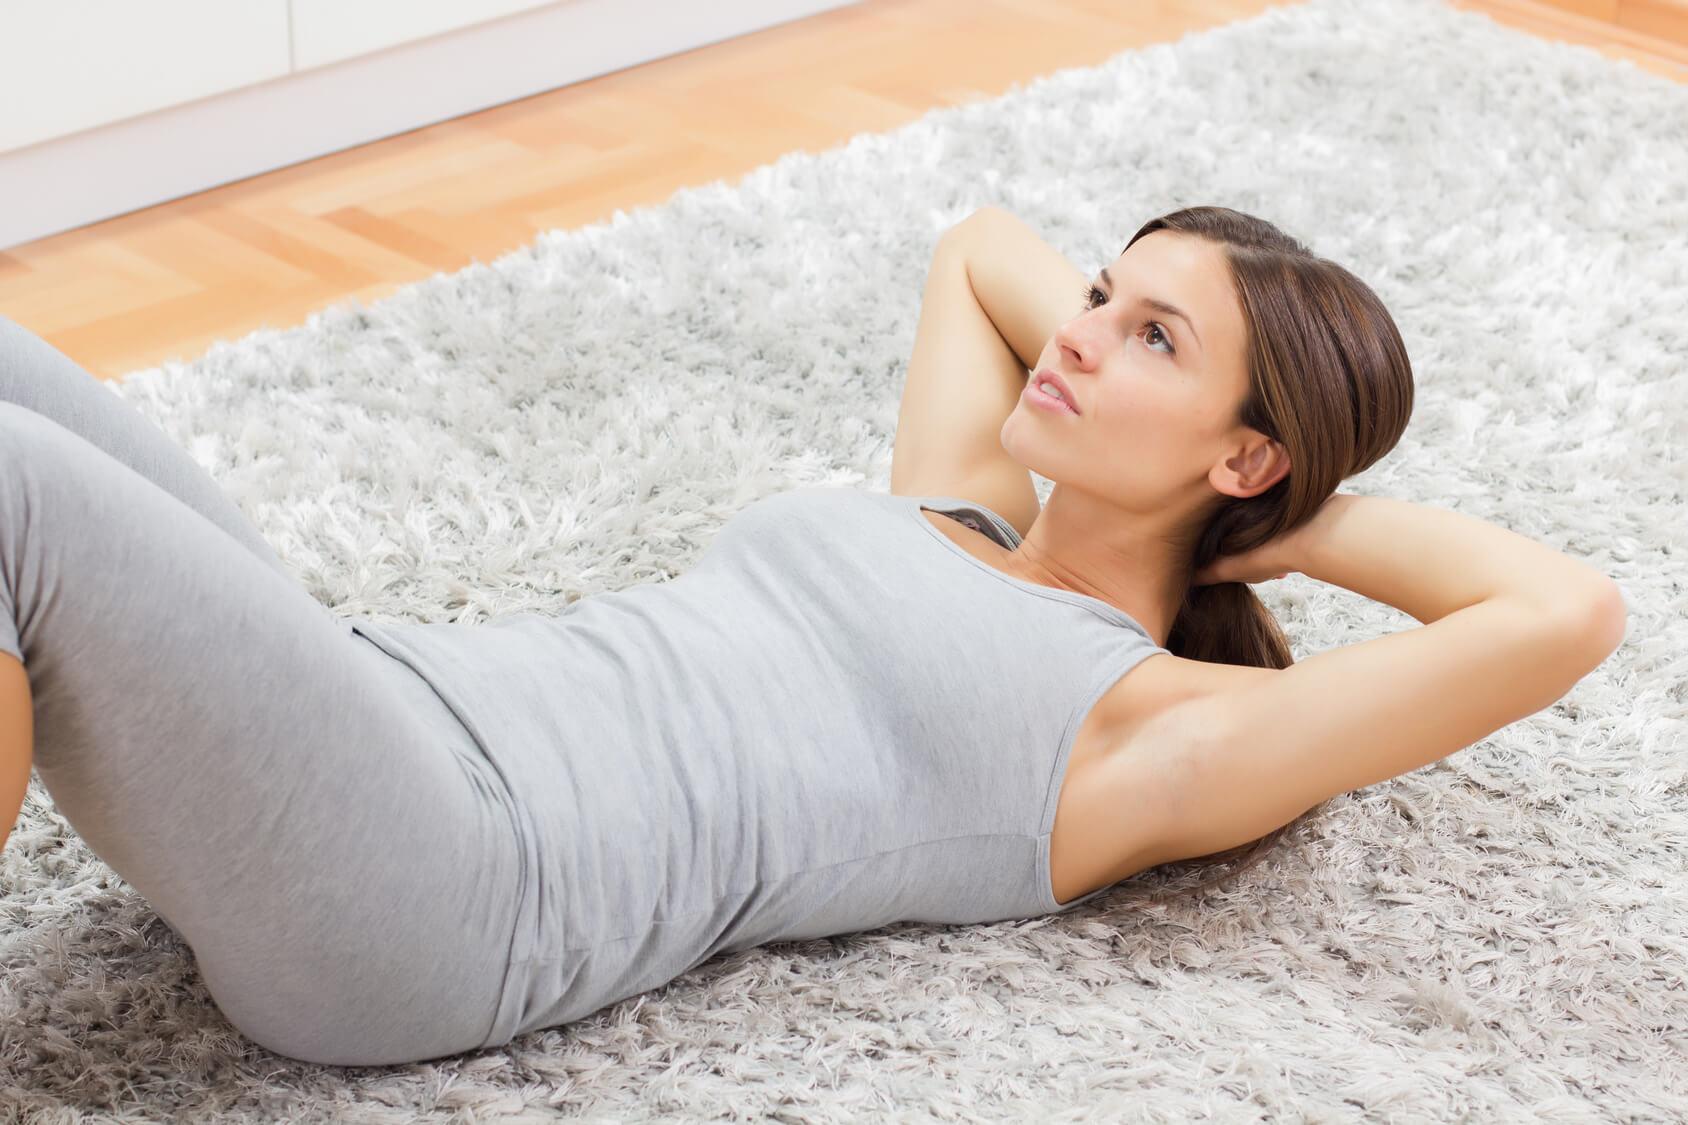 Conoce las mejores apps para hacer ejercicio en casa hola mujer - Aplicaciones para hacer ejercicio en casa ...